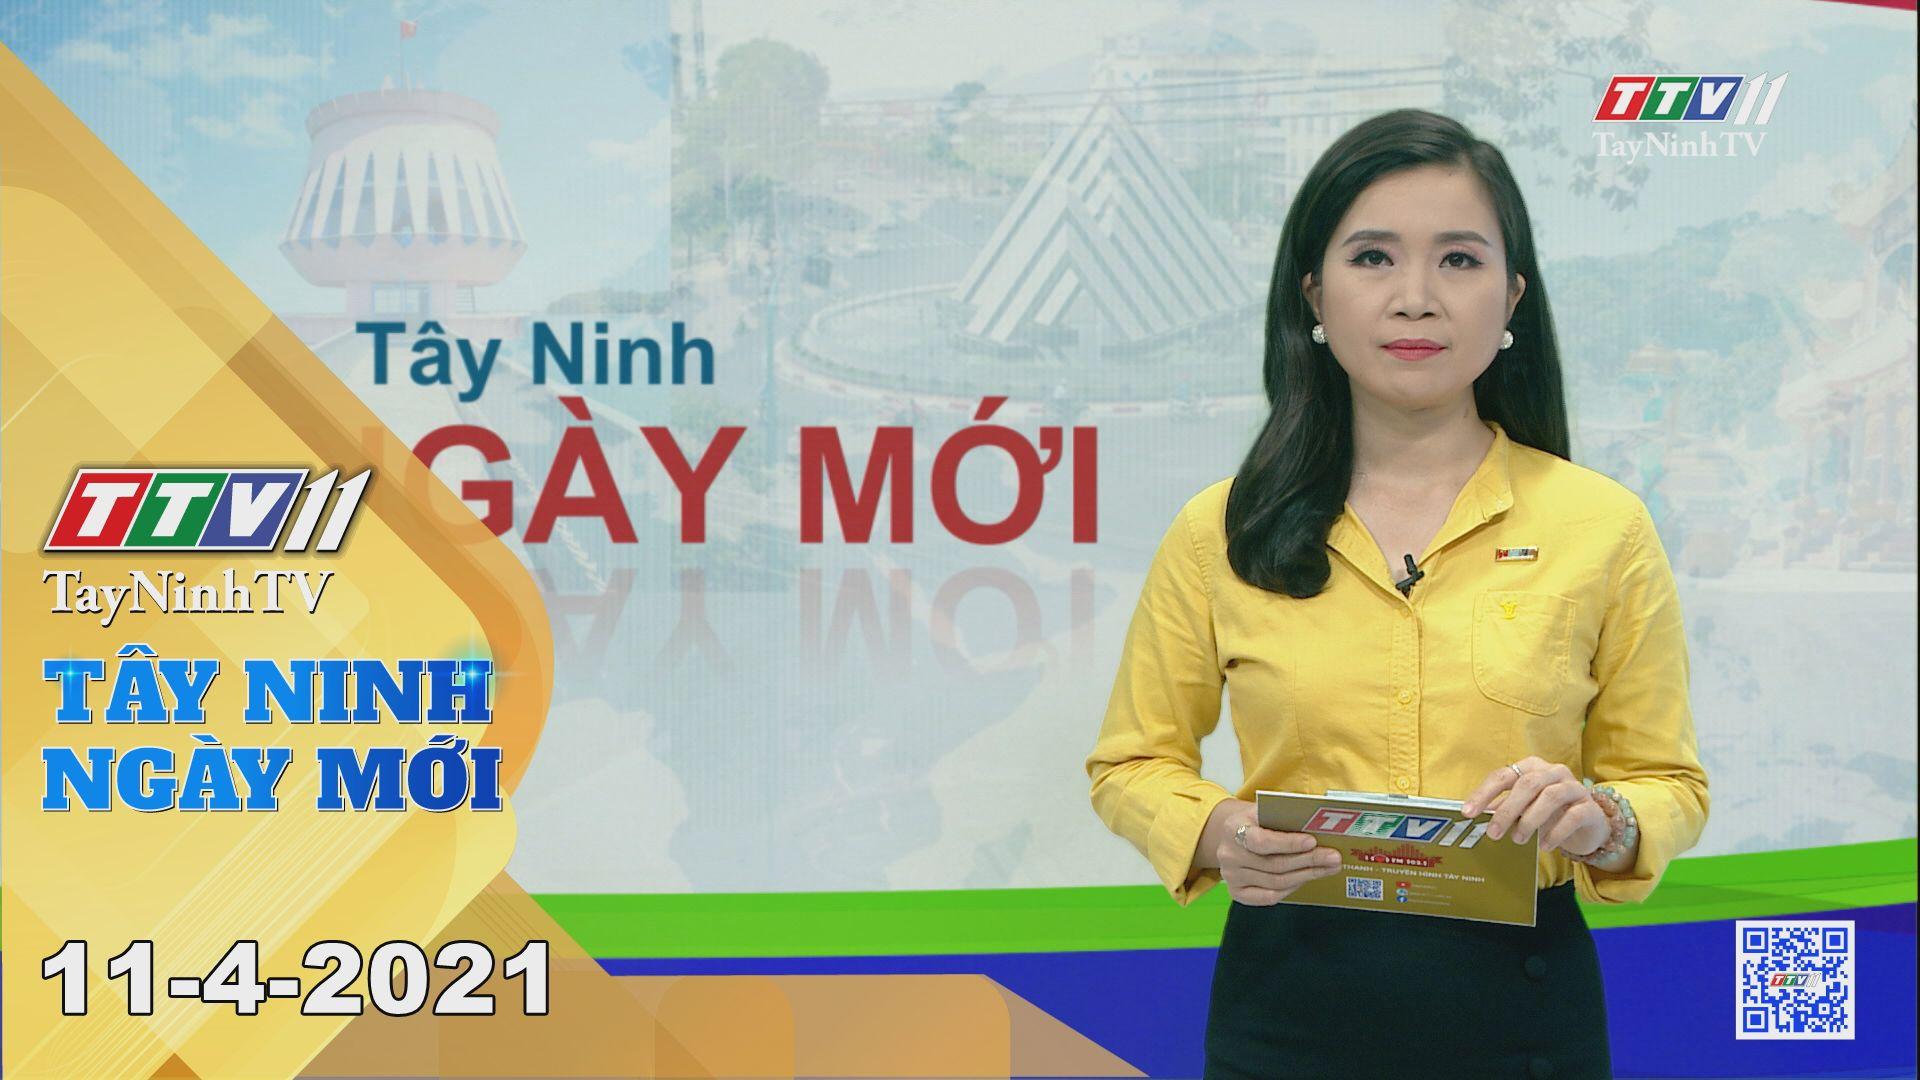 Tây Ninh Ngày Mới 11-4-2021 | Tin tức hôm nay | TayNinhTV